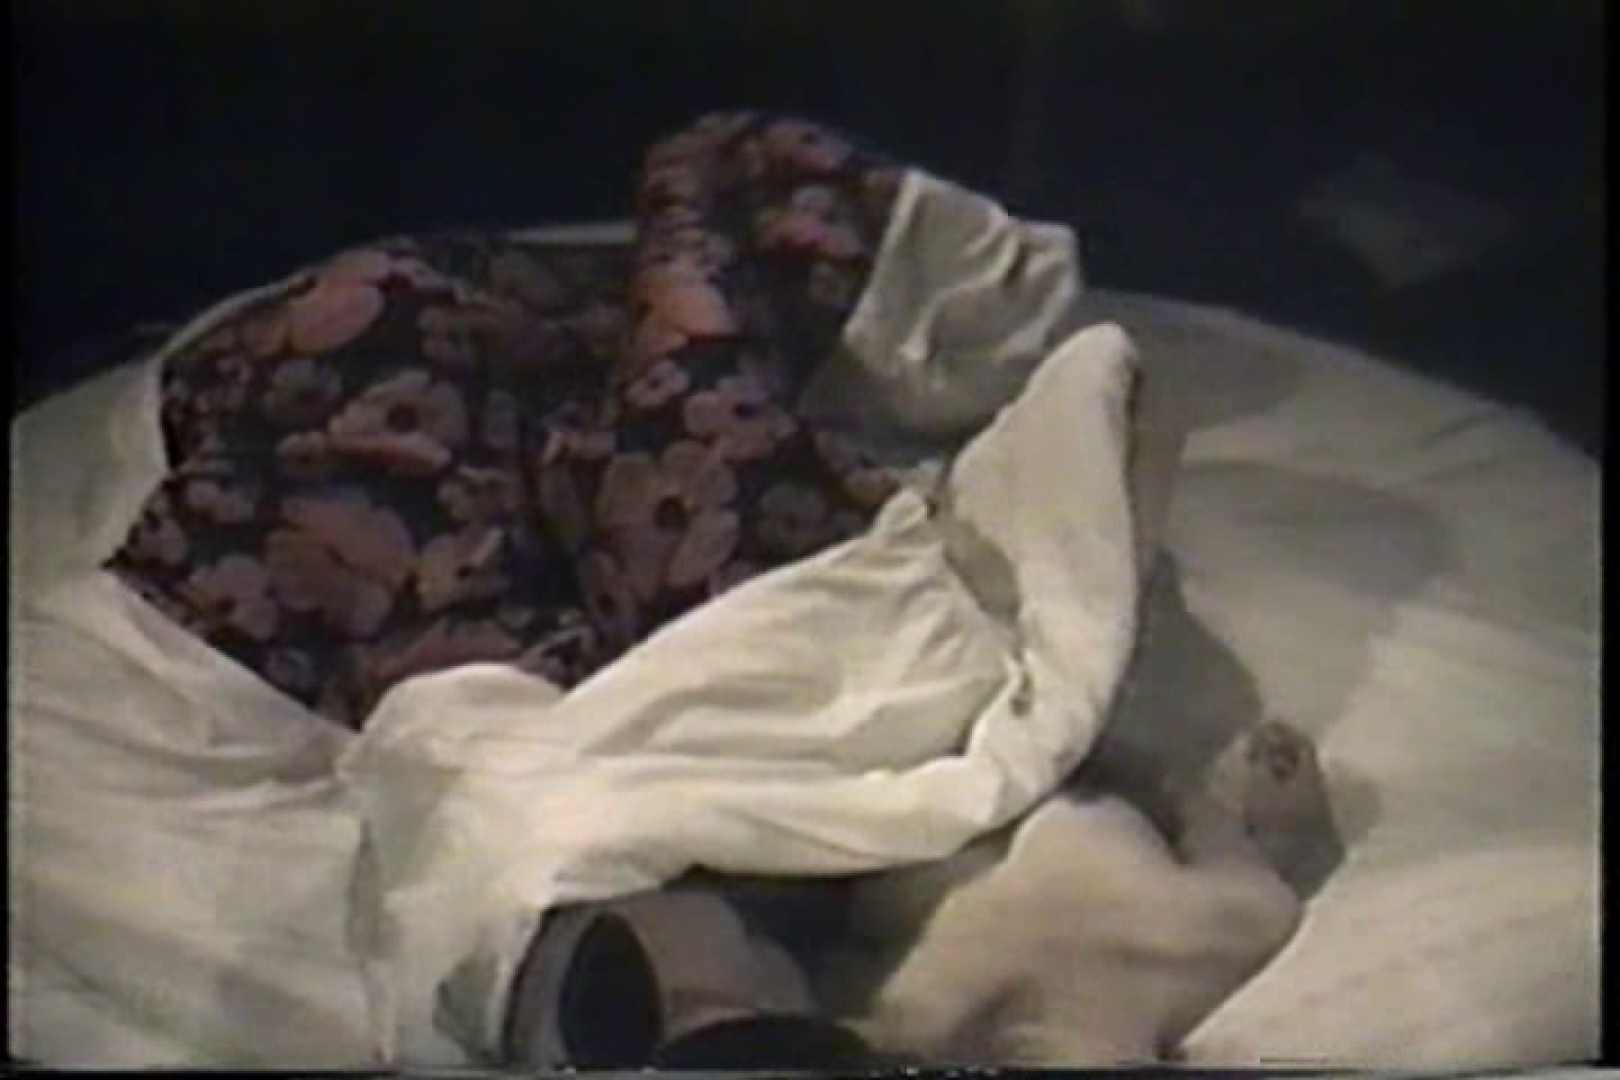 実録!ラブホテル~消し忘れ注意!昭和の色編~ vol.21 熟女丸裸   ラブホテル隠し撮り  104pic 29